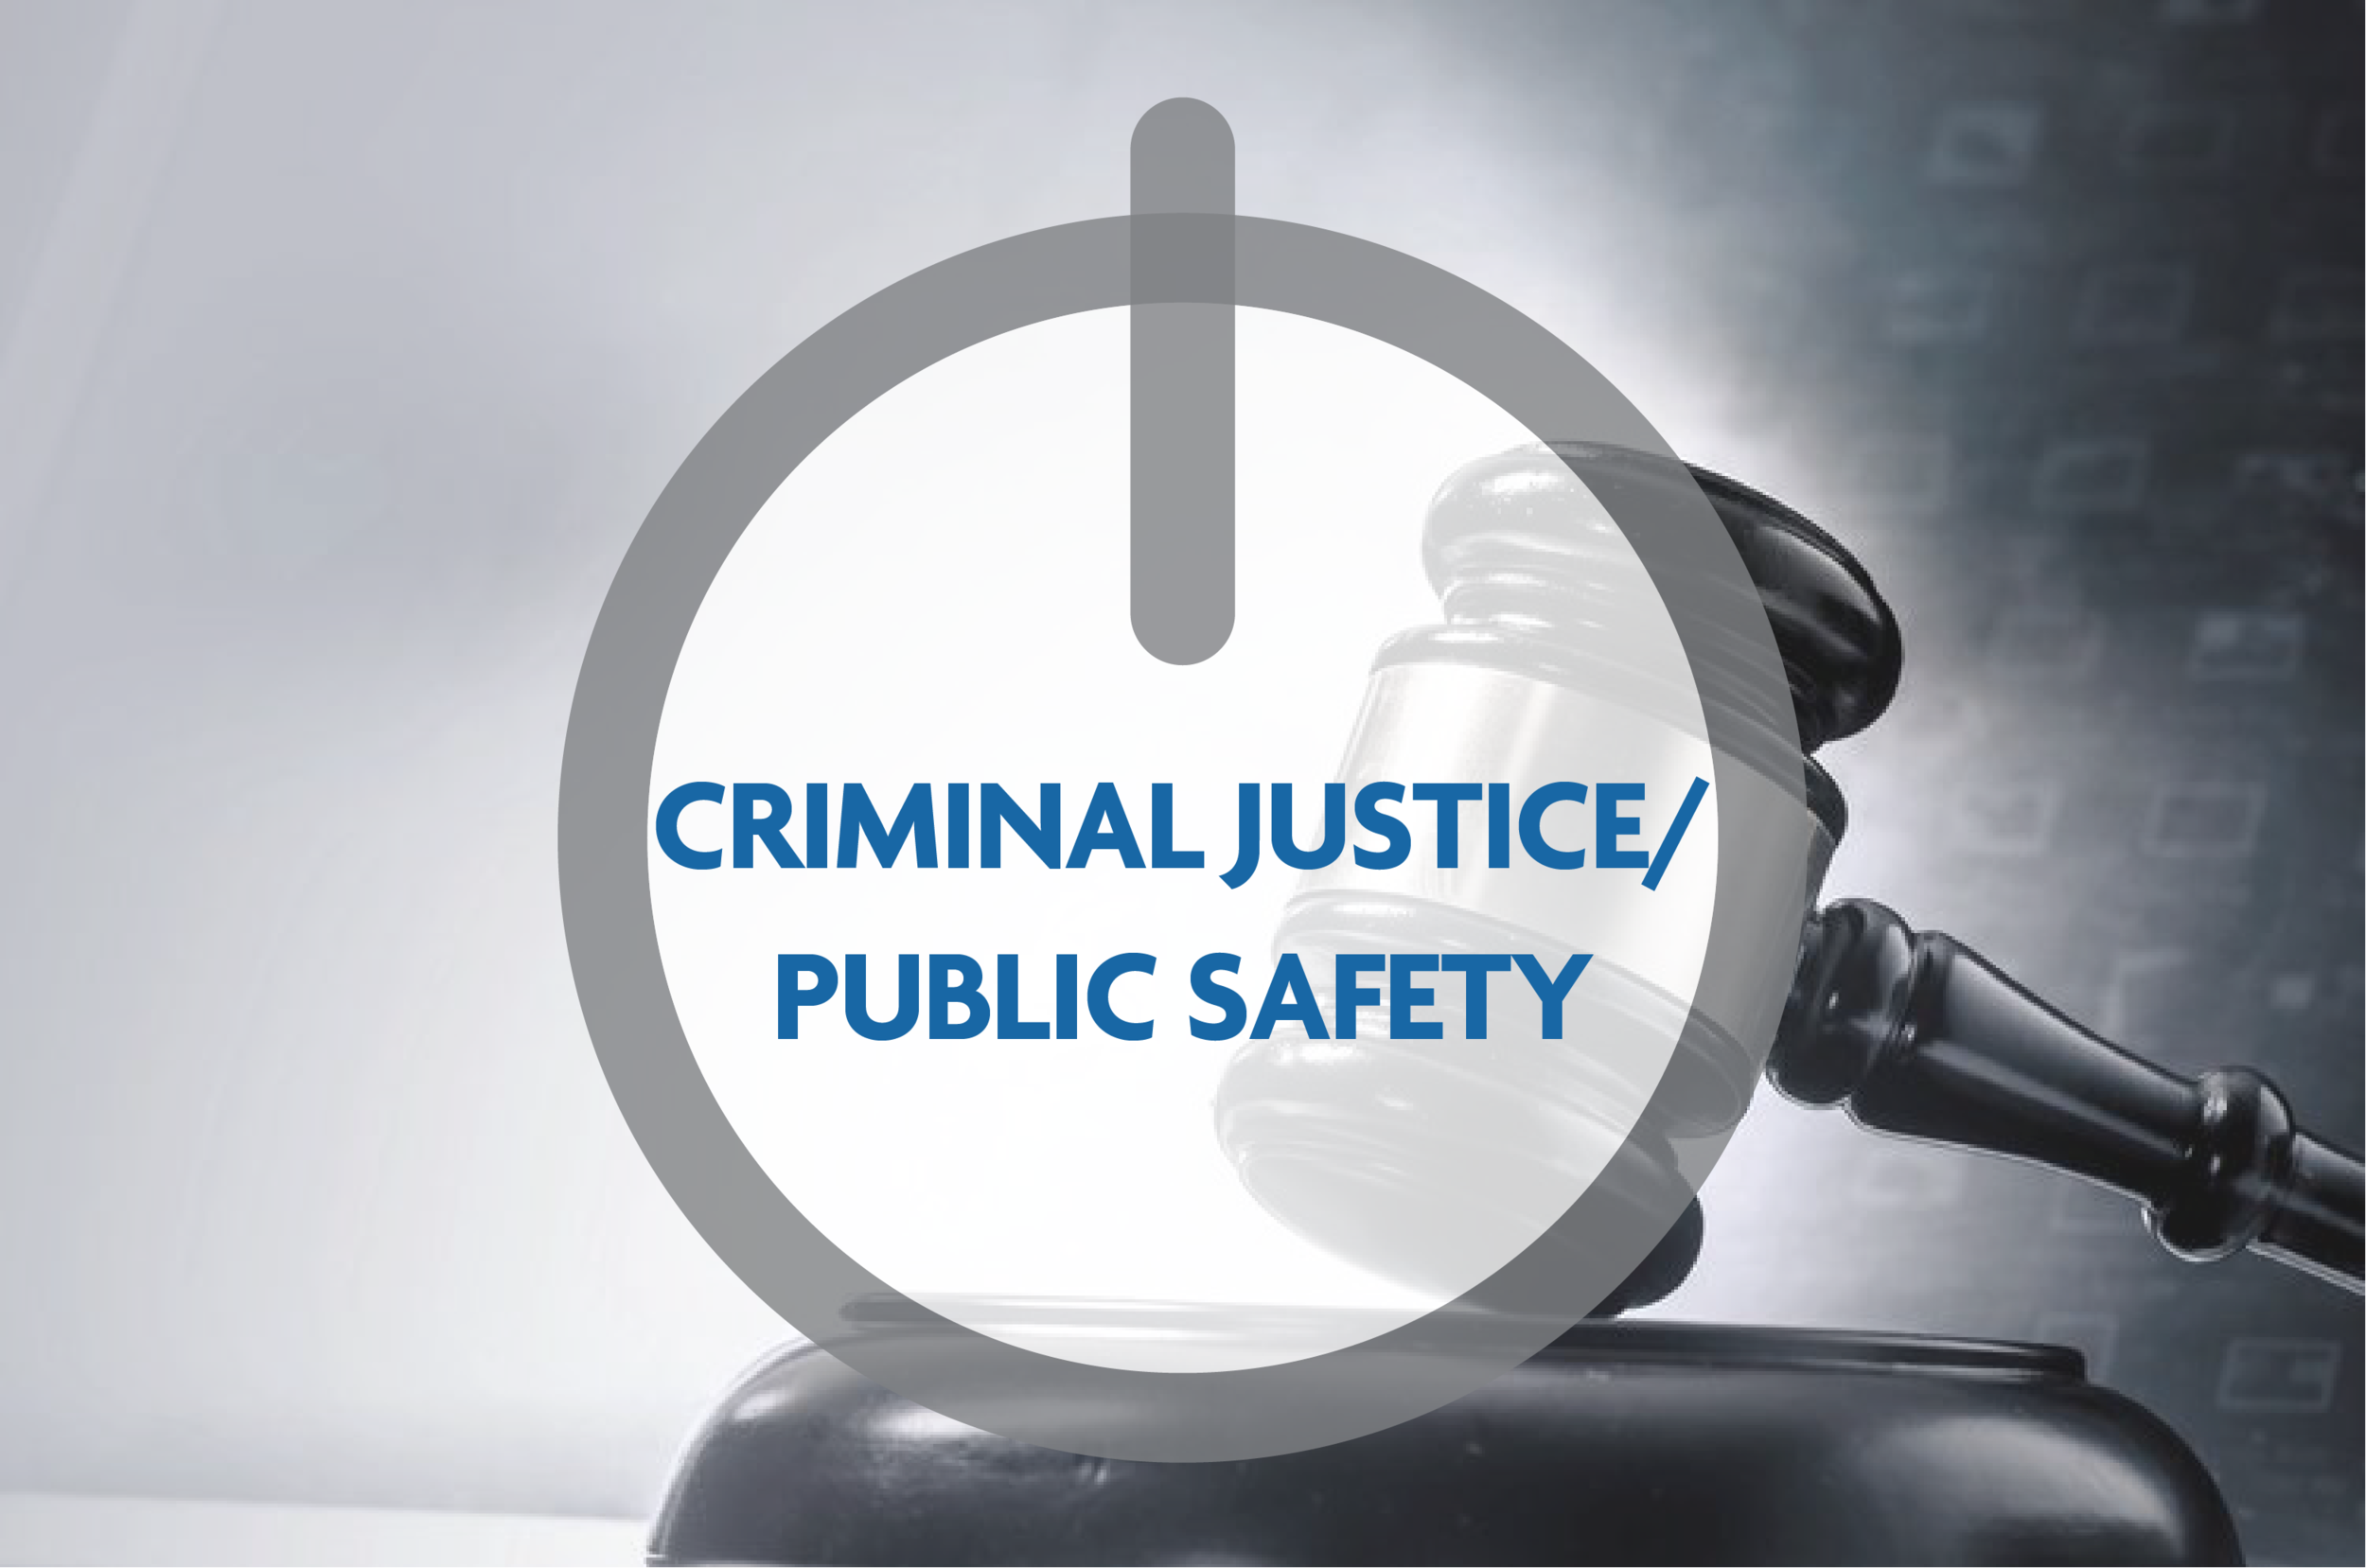 Criminal Justice/Public Safety Reform